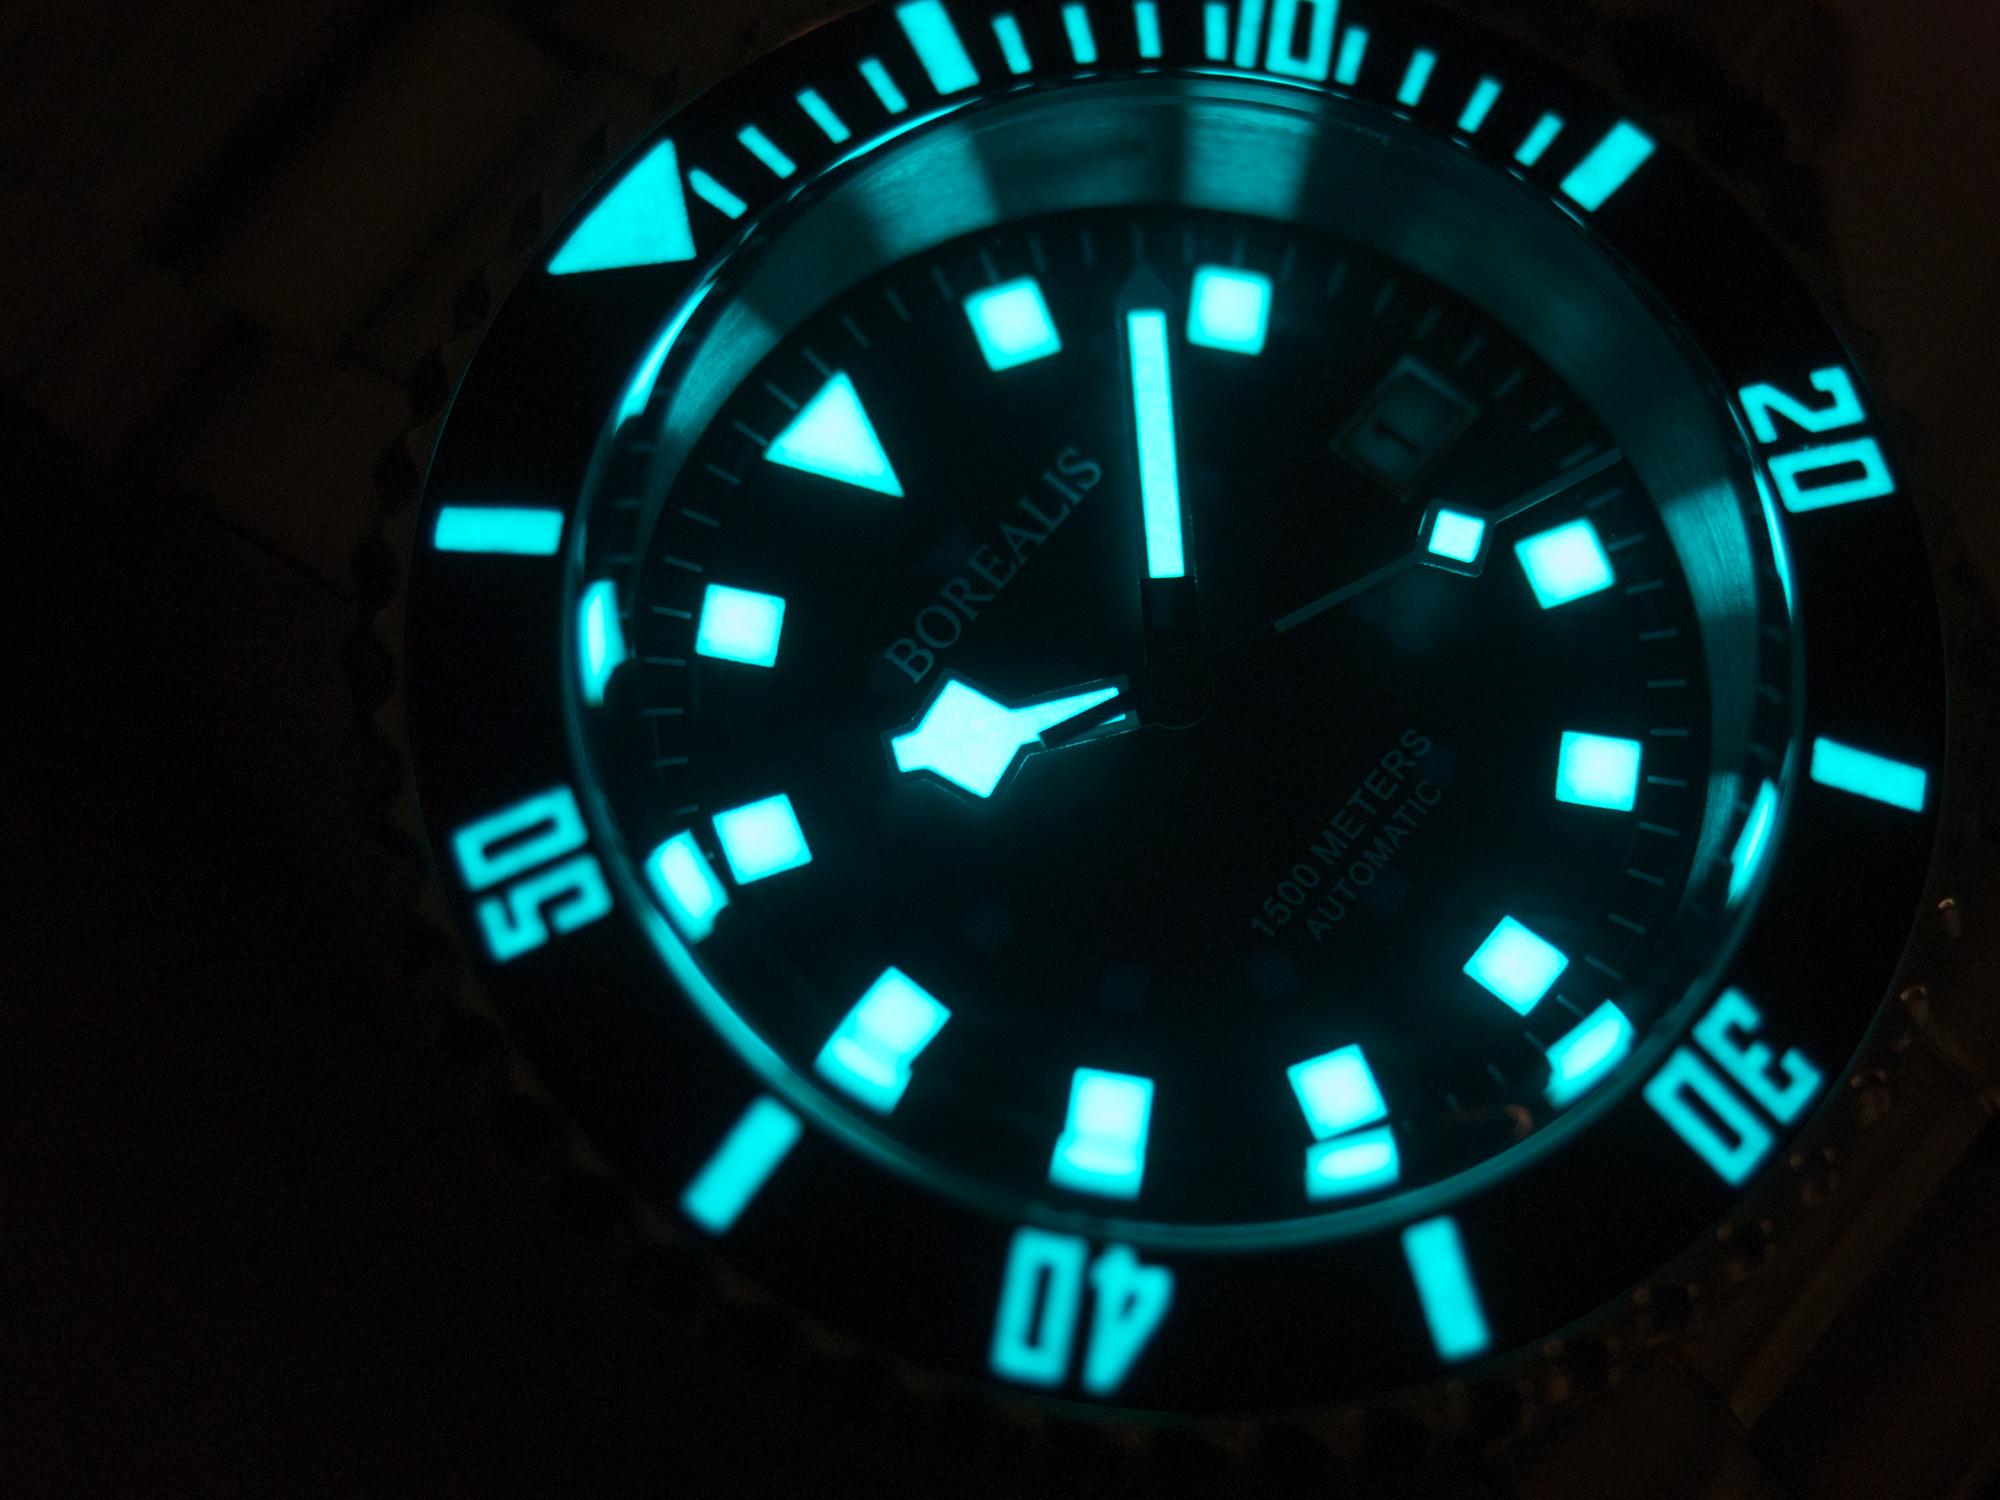 Borealis Sea Hawk 1500m Diver Watch Green Ceramic Bezel Black Dial